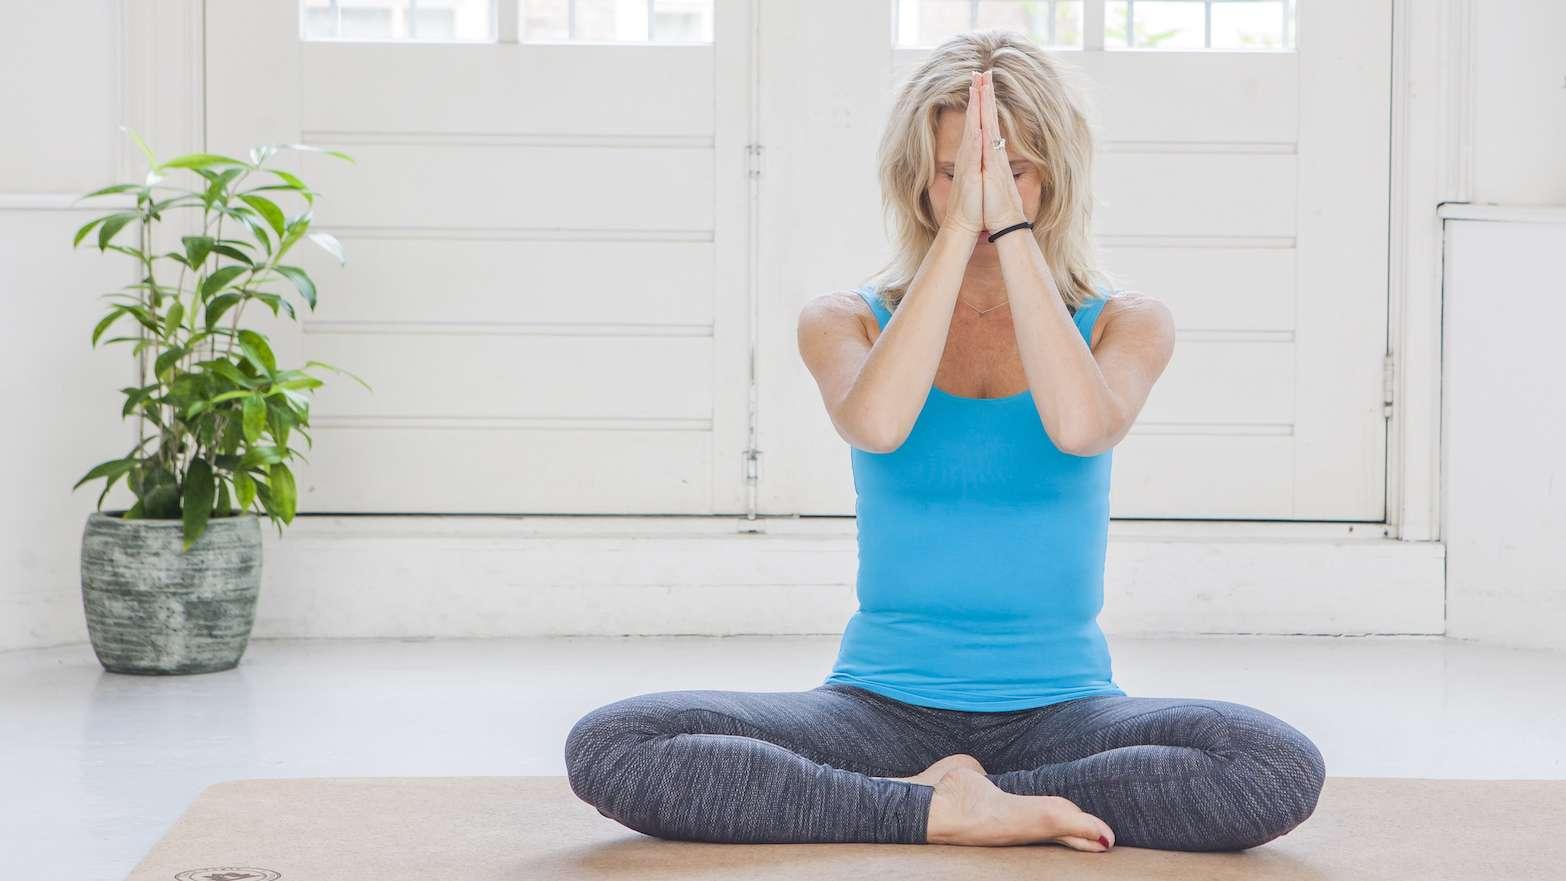 Yoga Vacation as a Senior Citizen